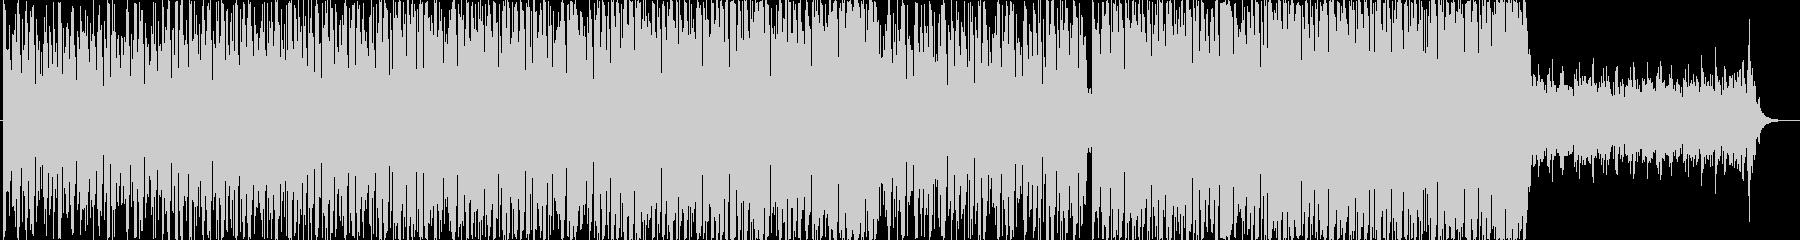 エレクトロニカ風BGMの未再生の波形